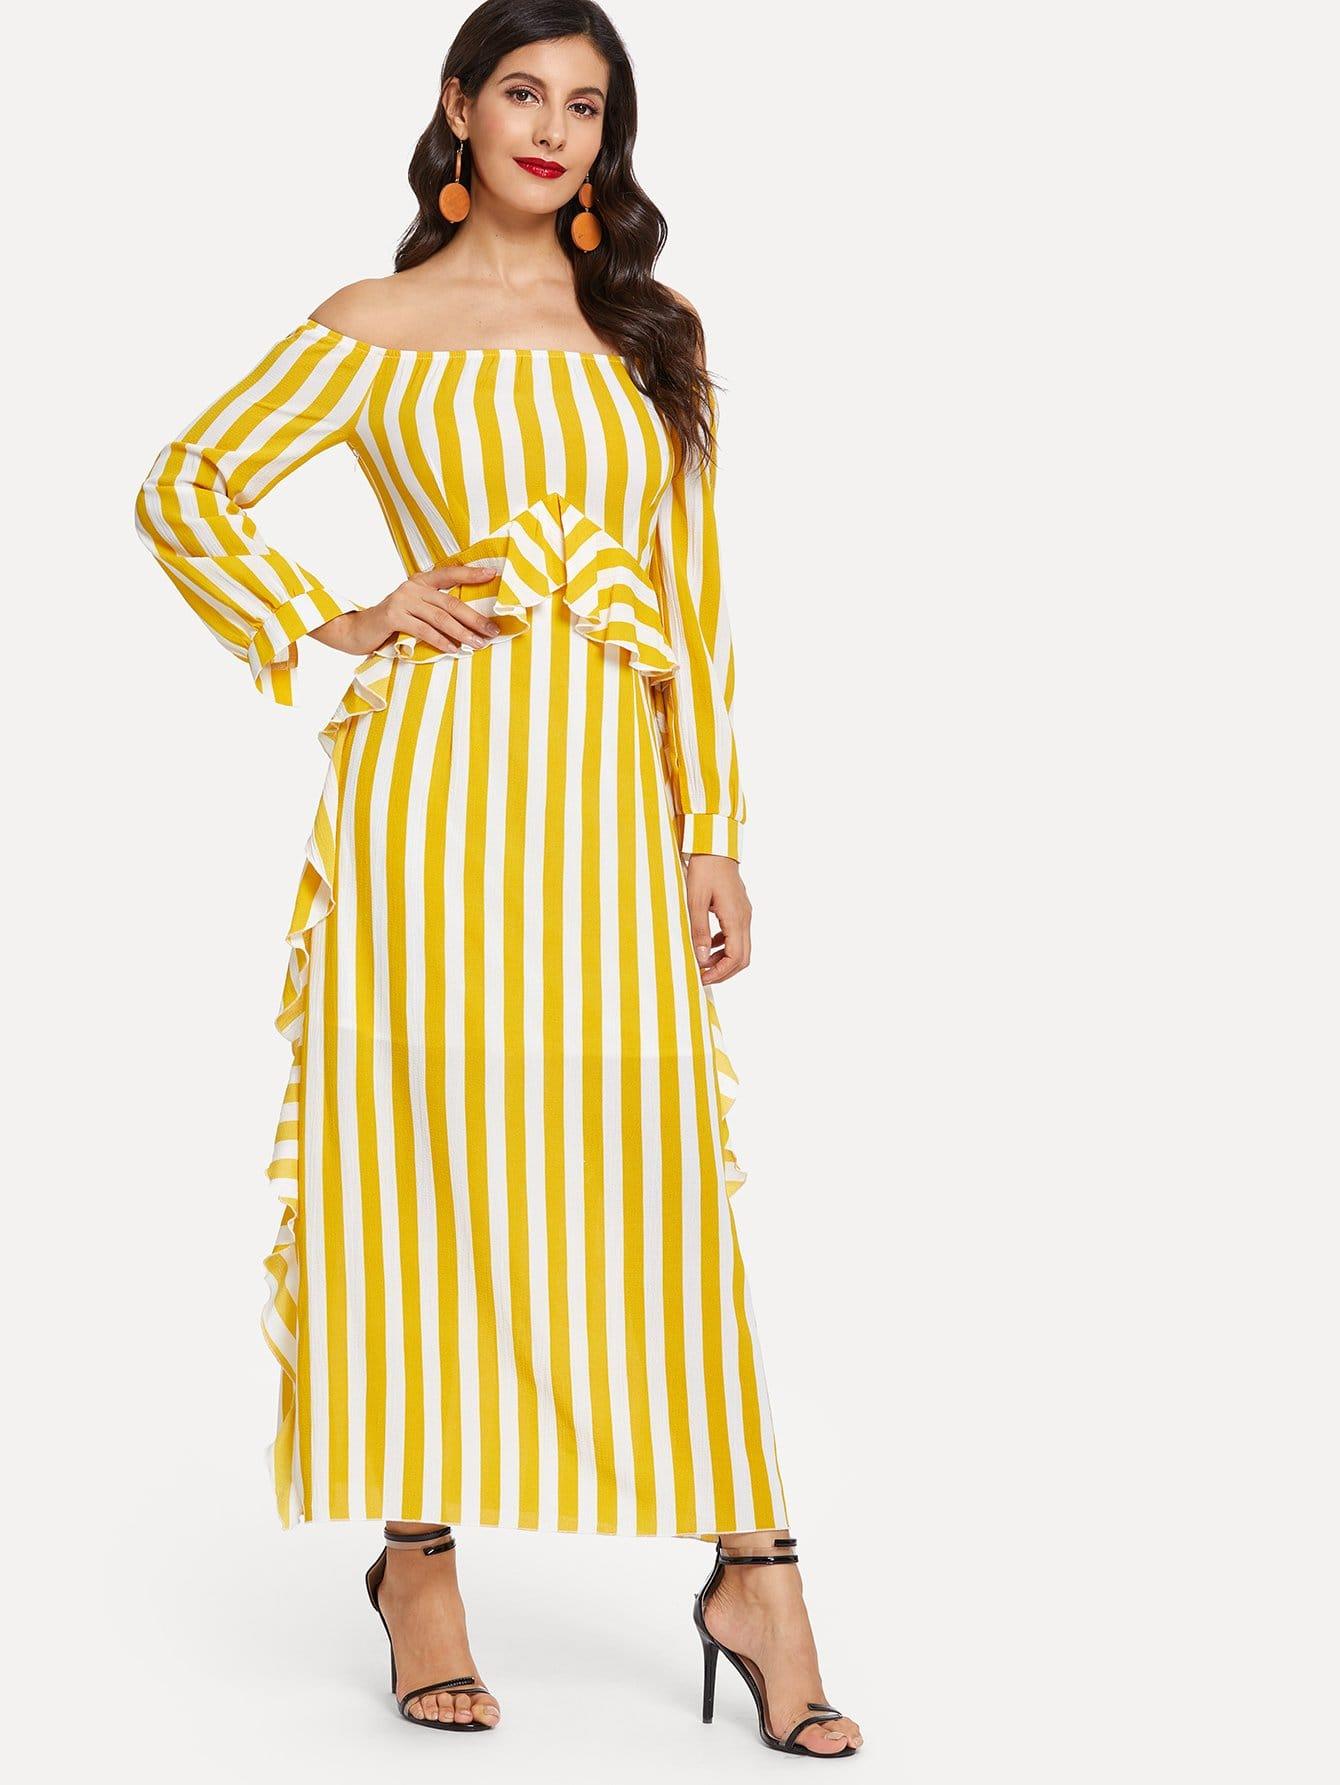 Купить Полосатое платье без бретелек и с кружевными оборками, Jeane, SheIn